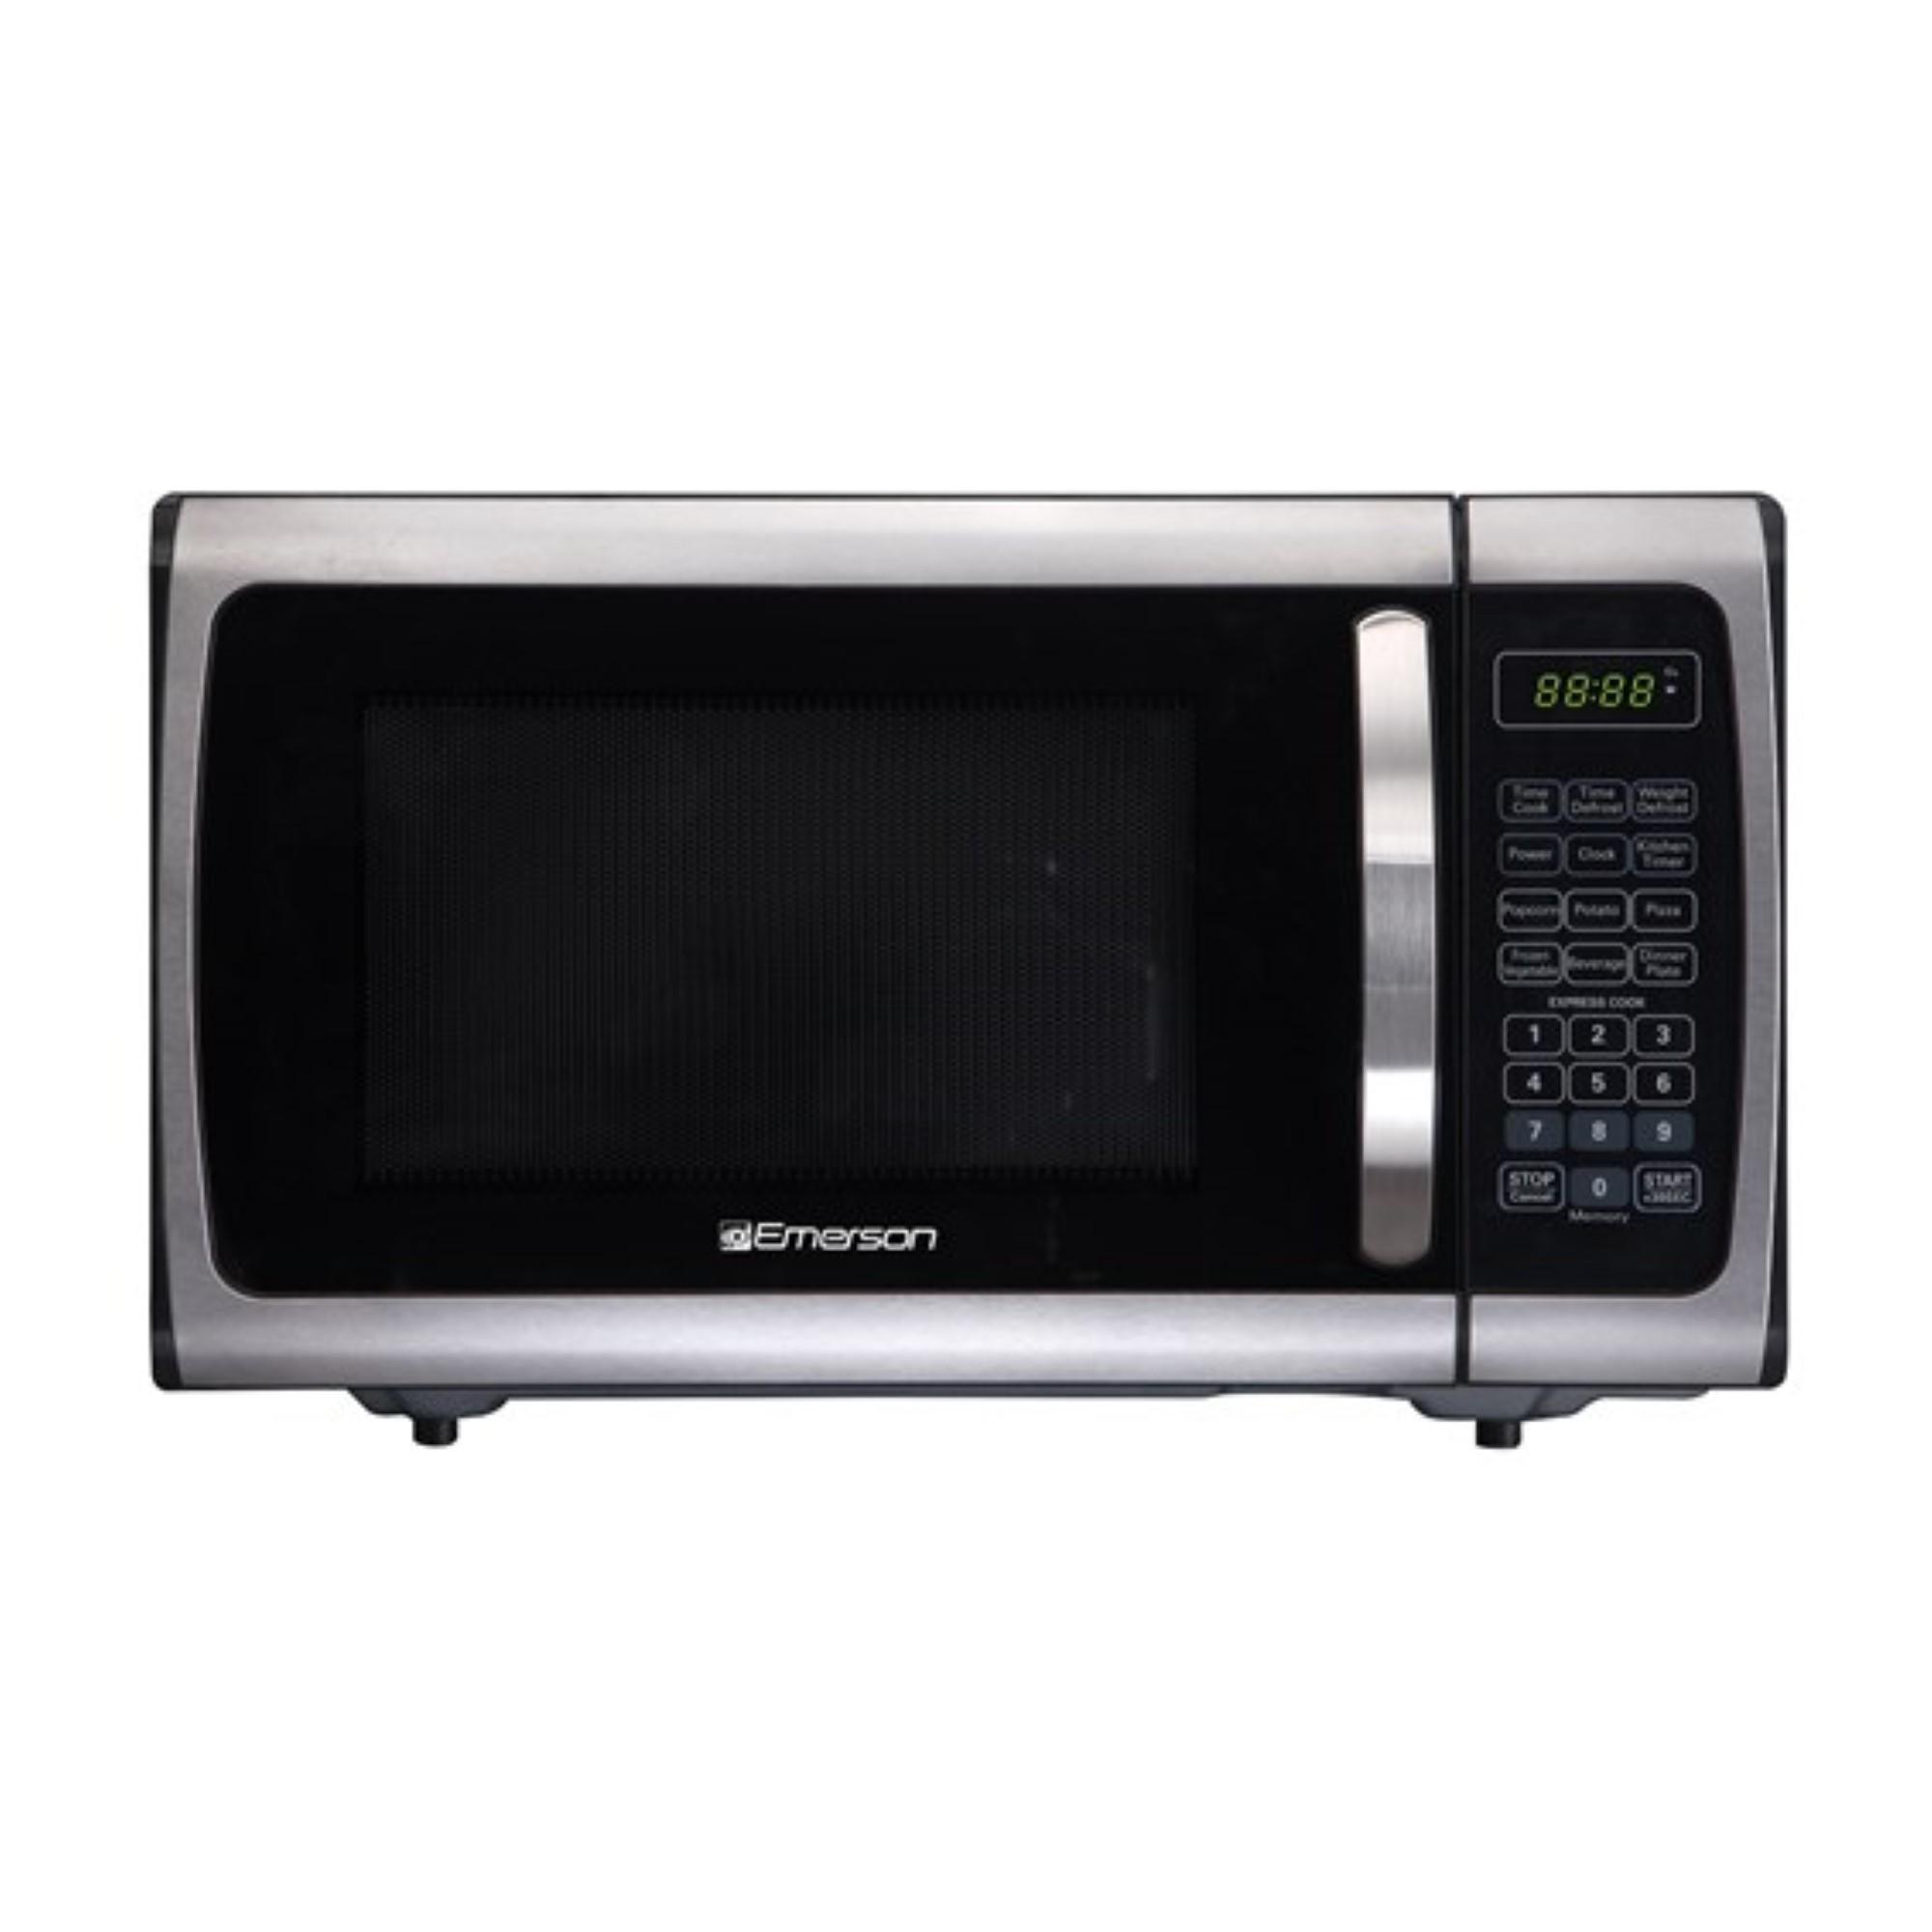 0.9CU FT 900W SS Microwave